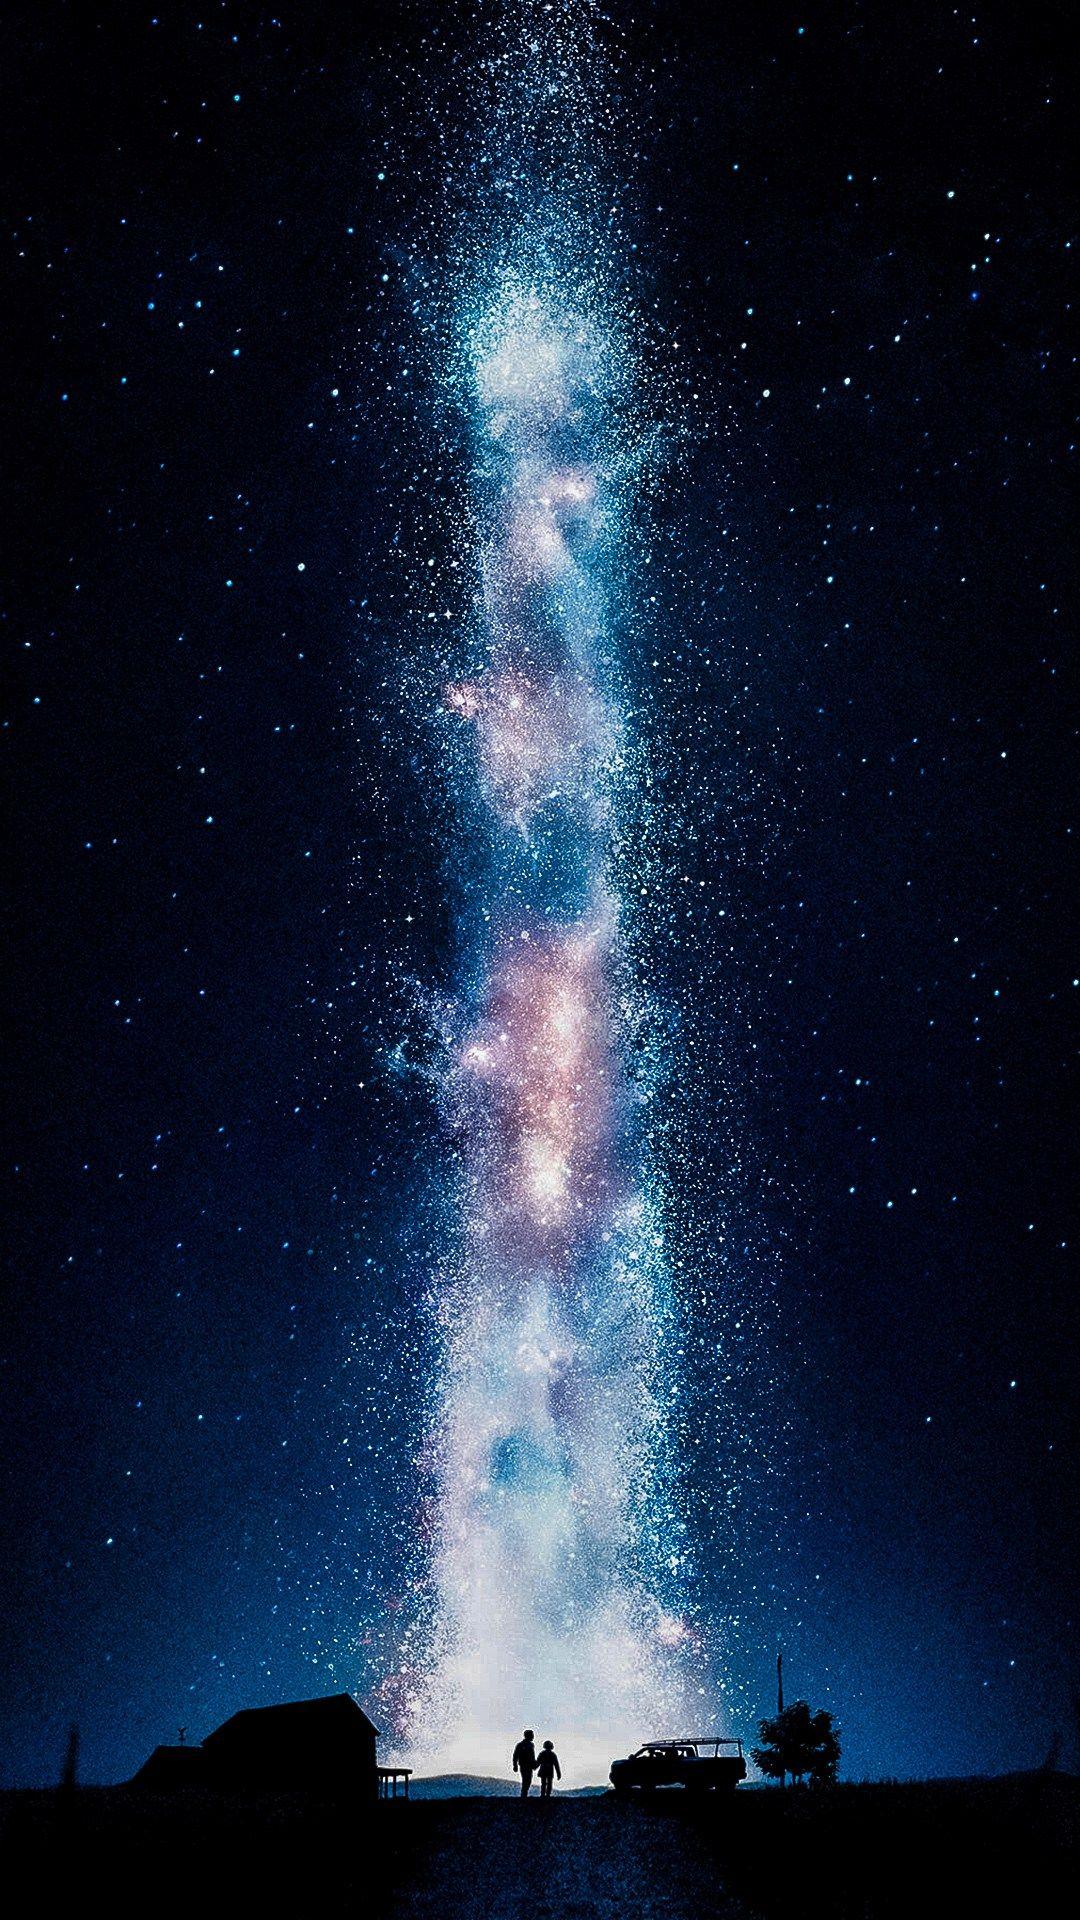 Quem Me Conhece Sabe Que Eu Adoro Ficar Mudando Toda Hora De Papel  -> Imagens Do Universo Para Papel De Parede